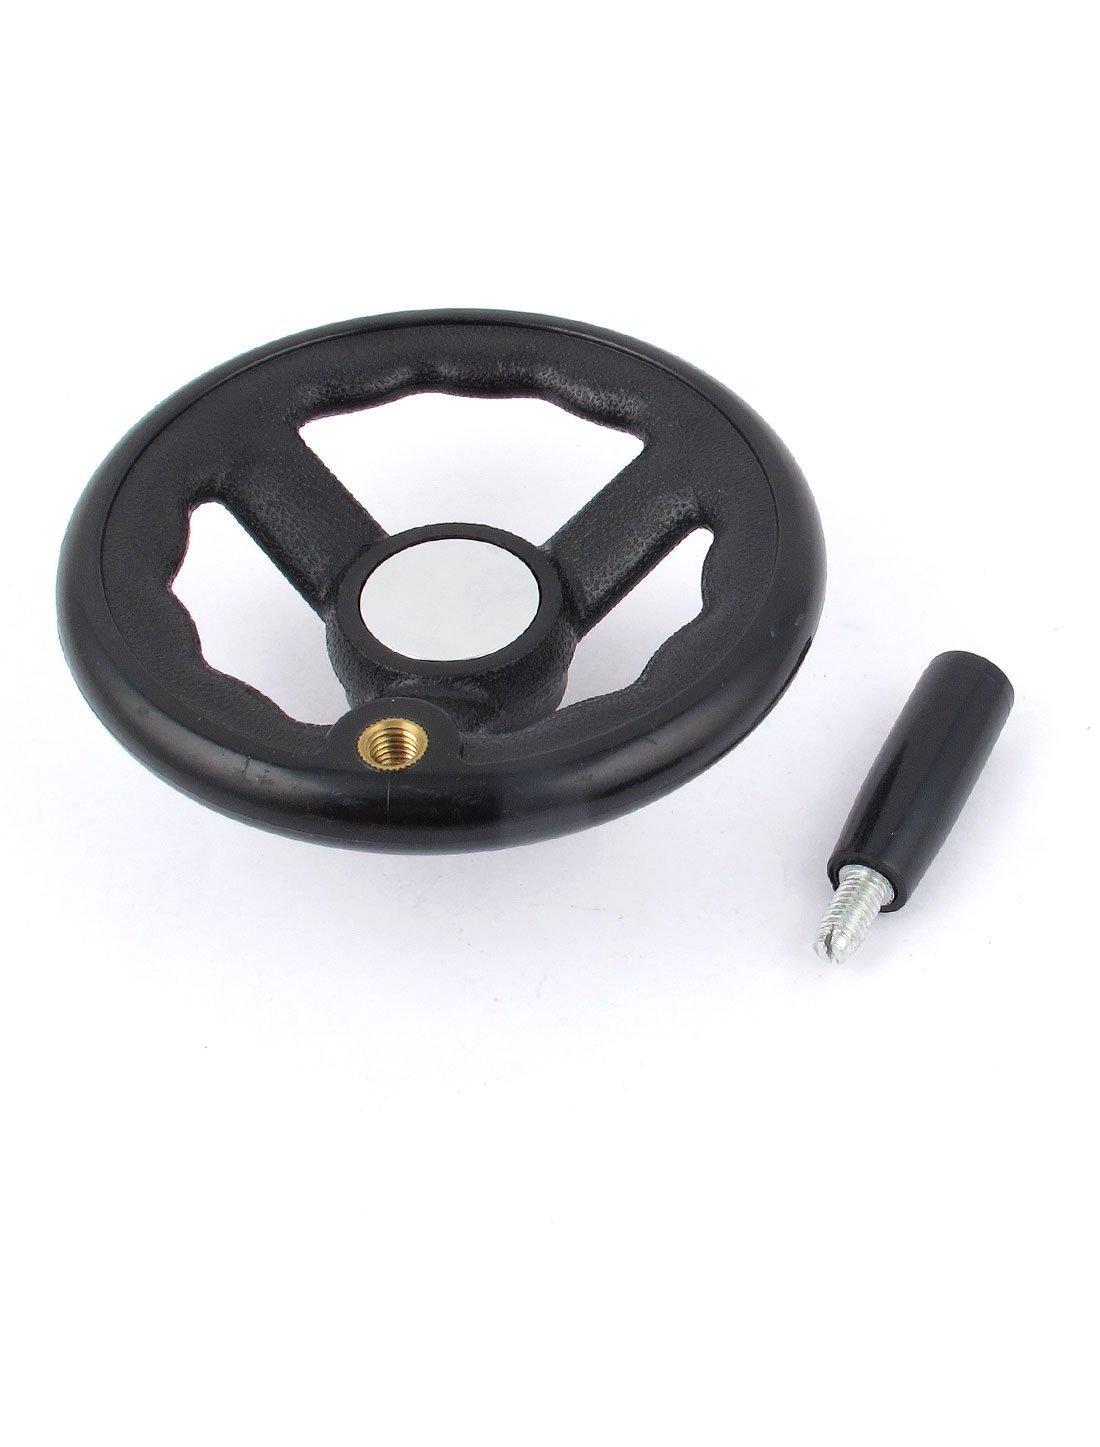 125mmx12mm de radios del Volante w antideslizante de agarre Para molinillo de UNA máquina Torno: Amazon.com: Industrial & Scientific